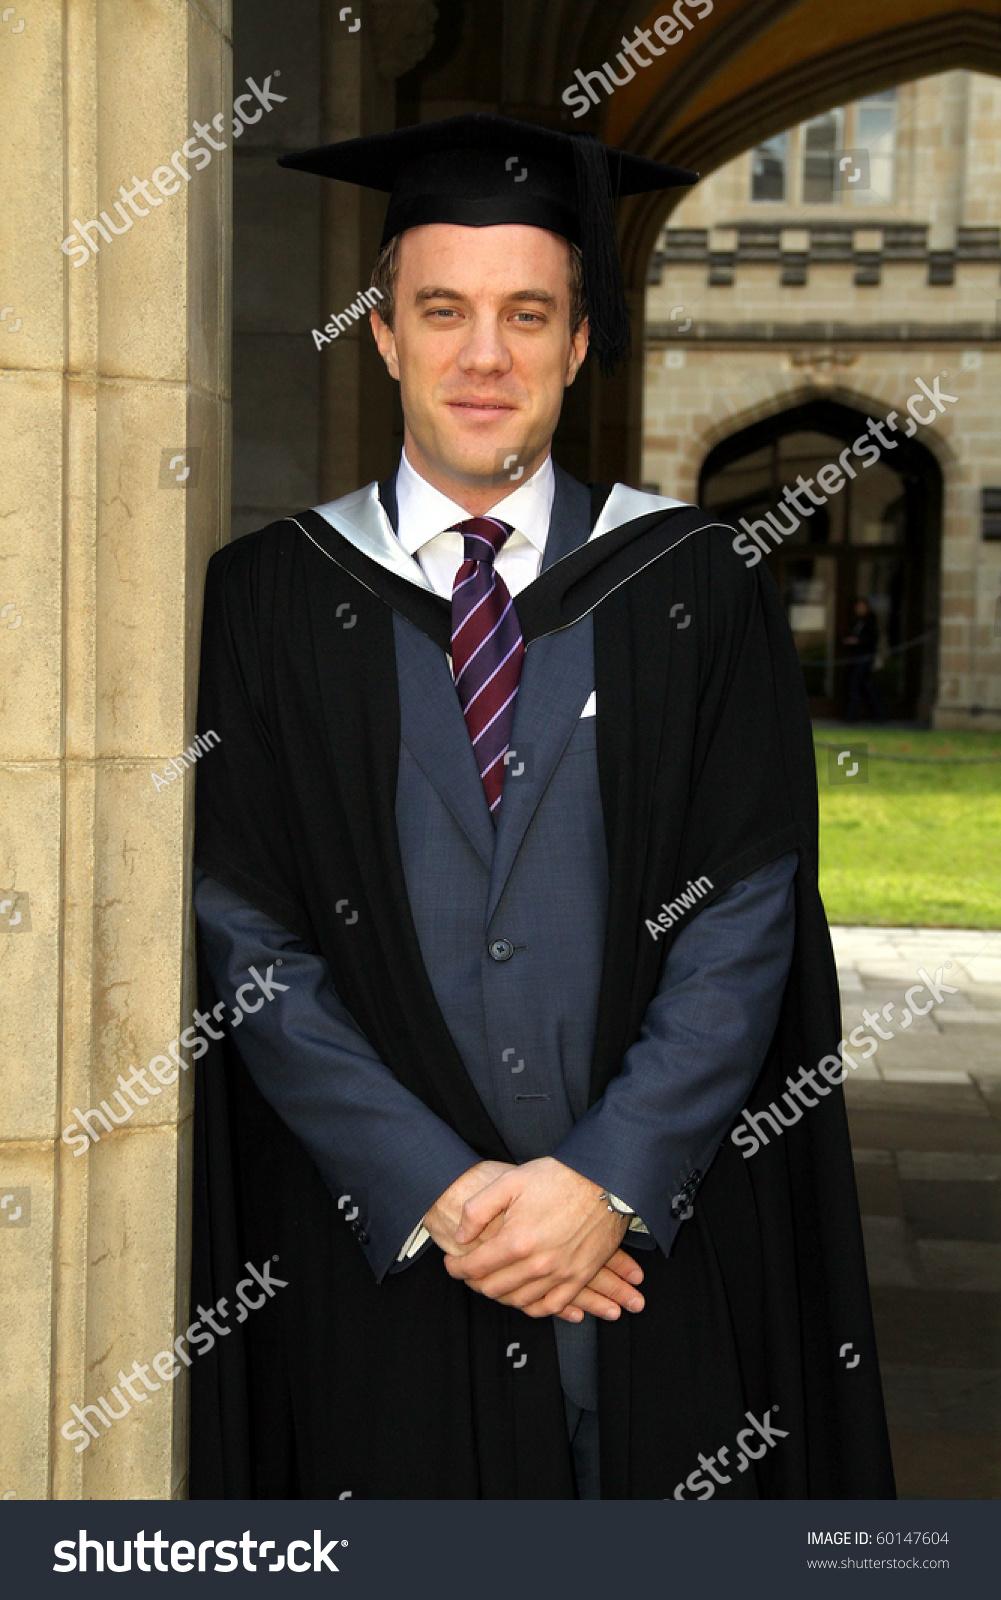 Portrait Young European Guy Graduation Gown Stock Photo (Edit Now ...